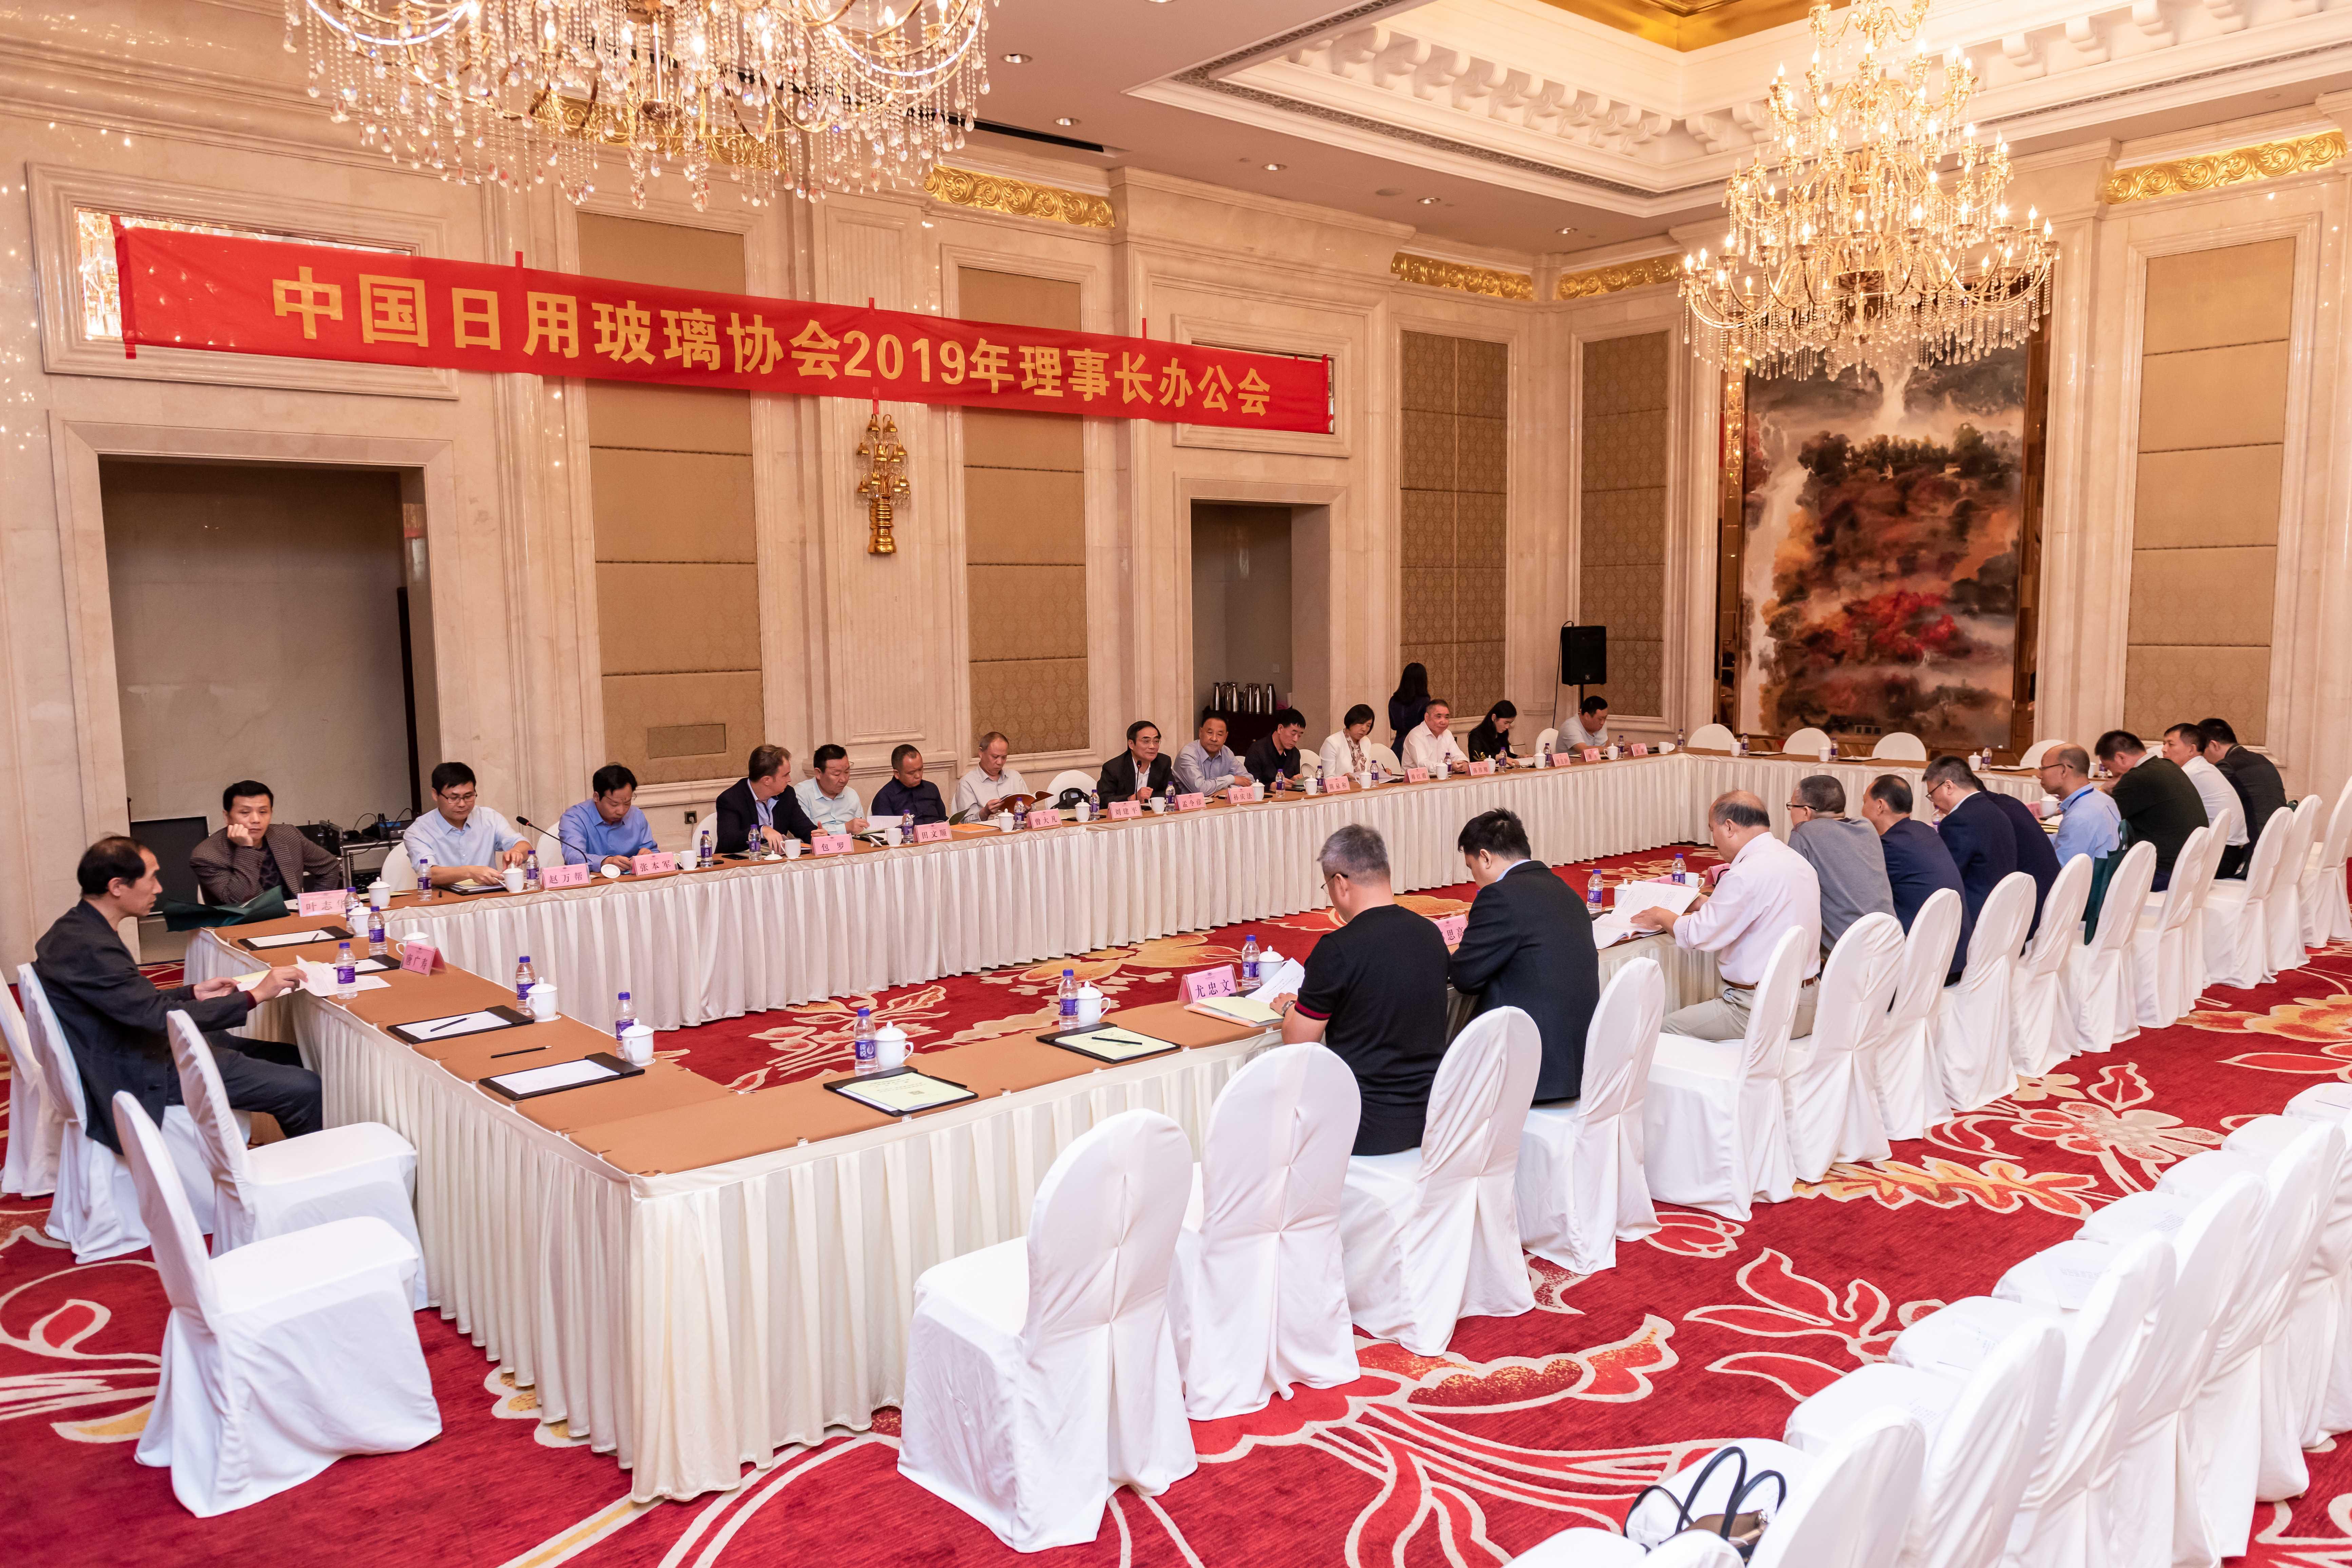 中国日用玻璃协会2019年理事长办公会及七届六次理事会在浦江召开